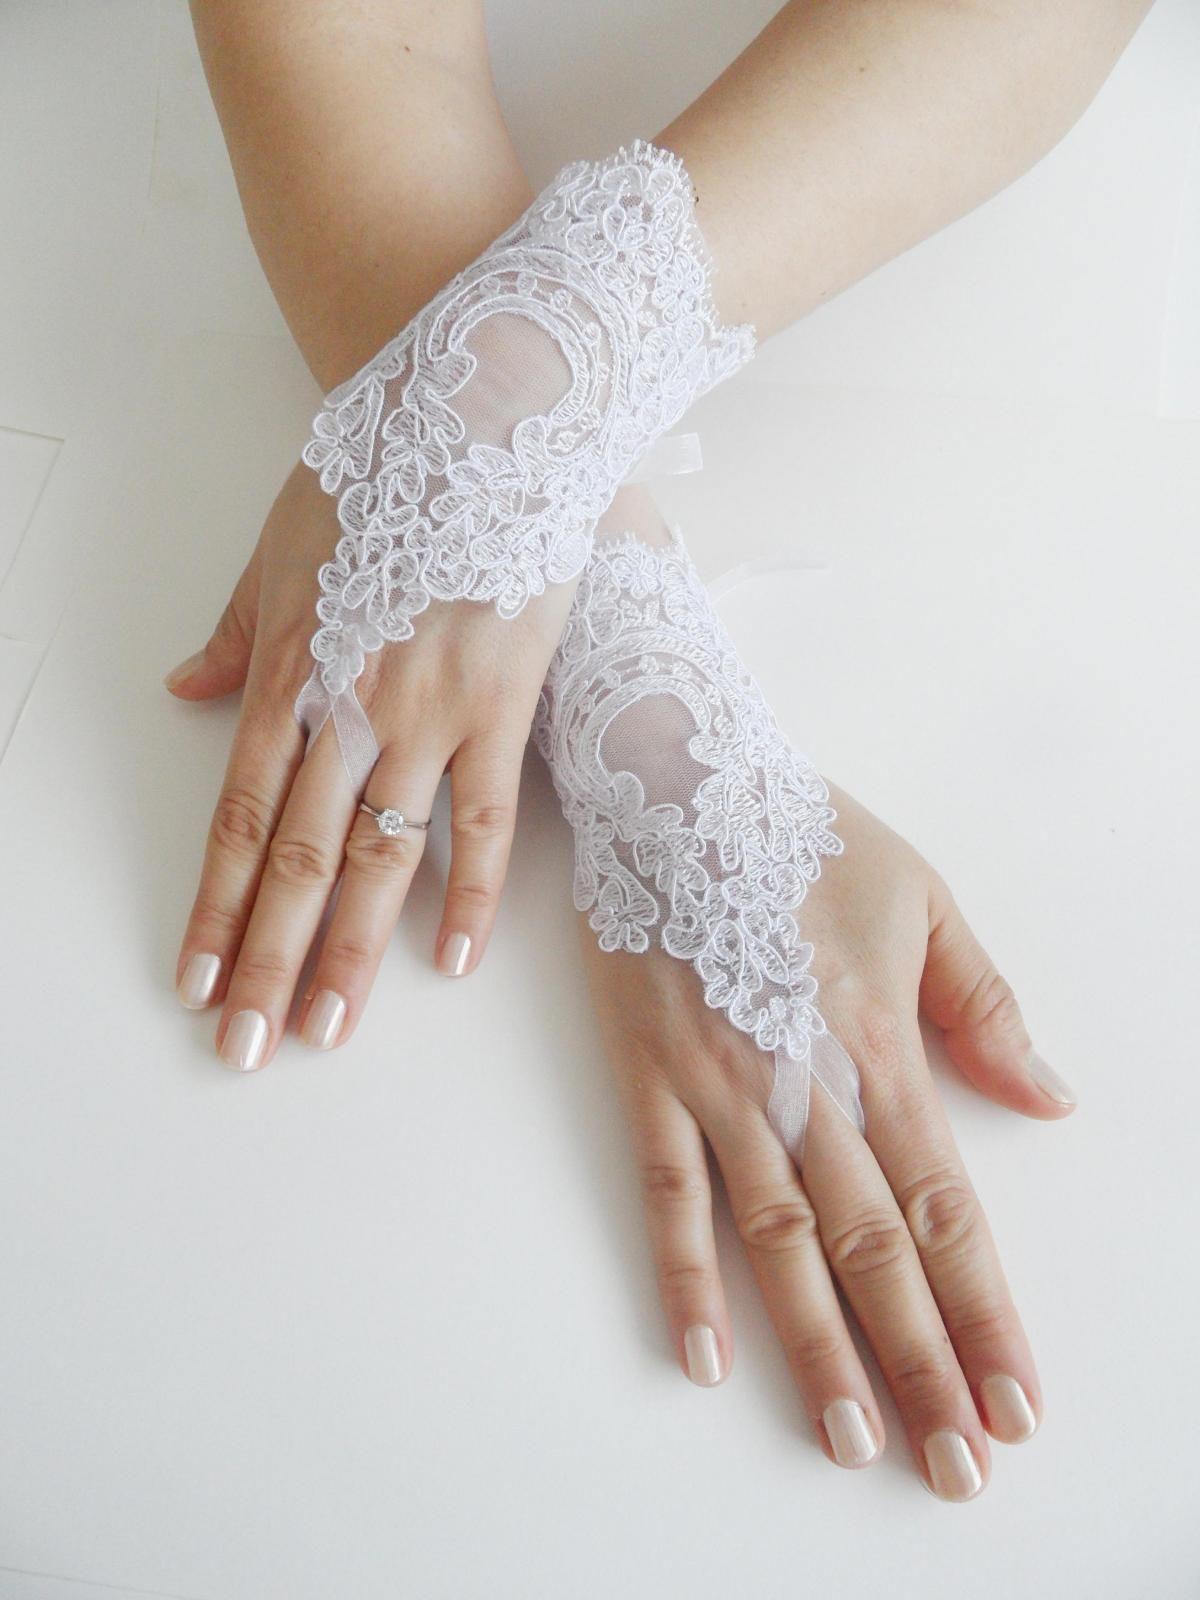 edfd81e2d Bridal Glove